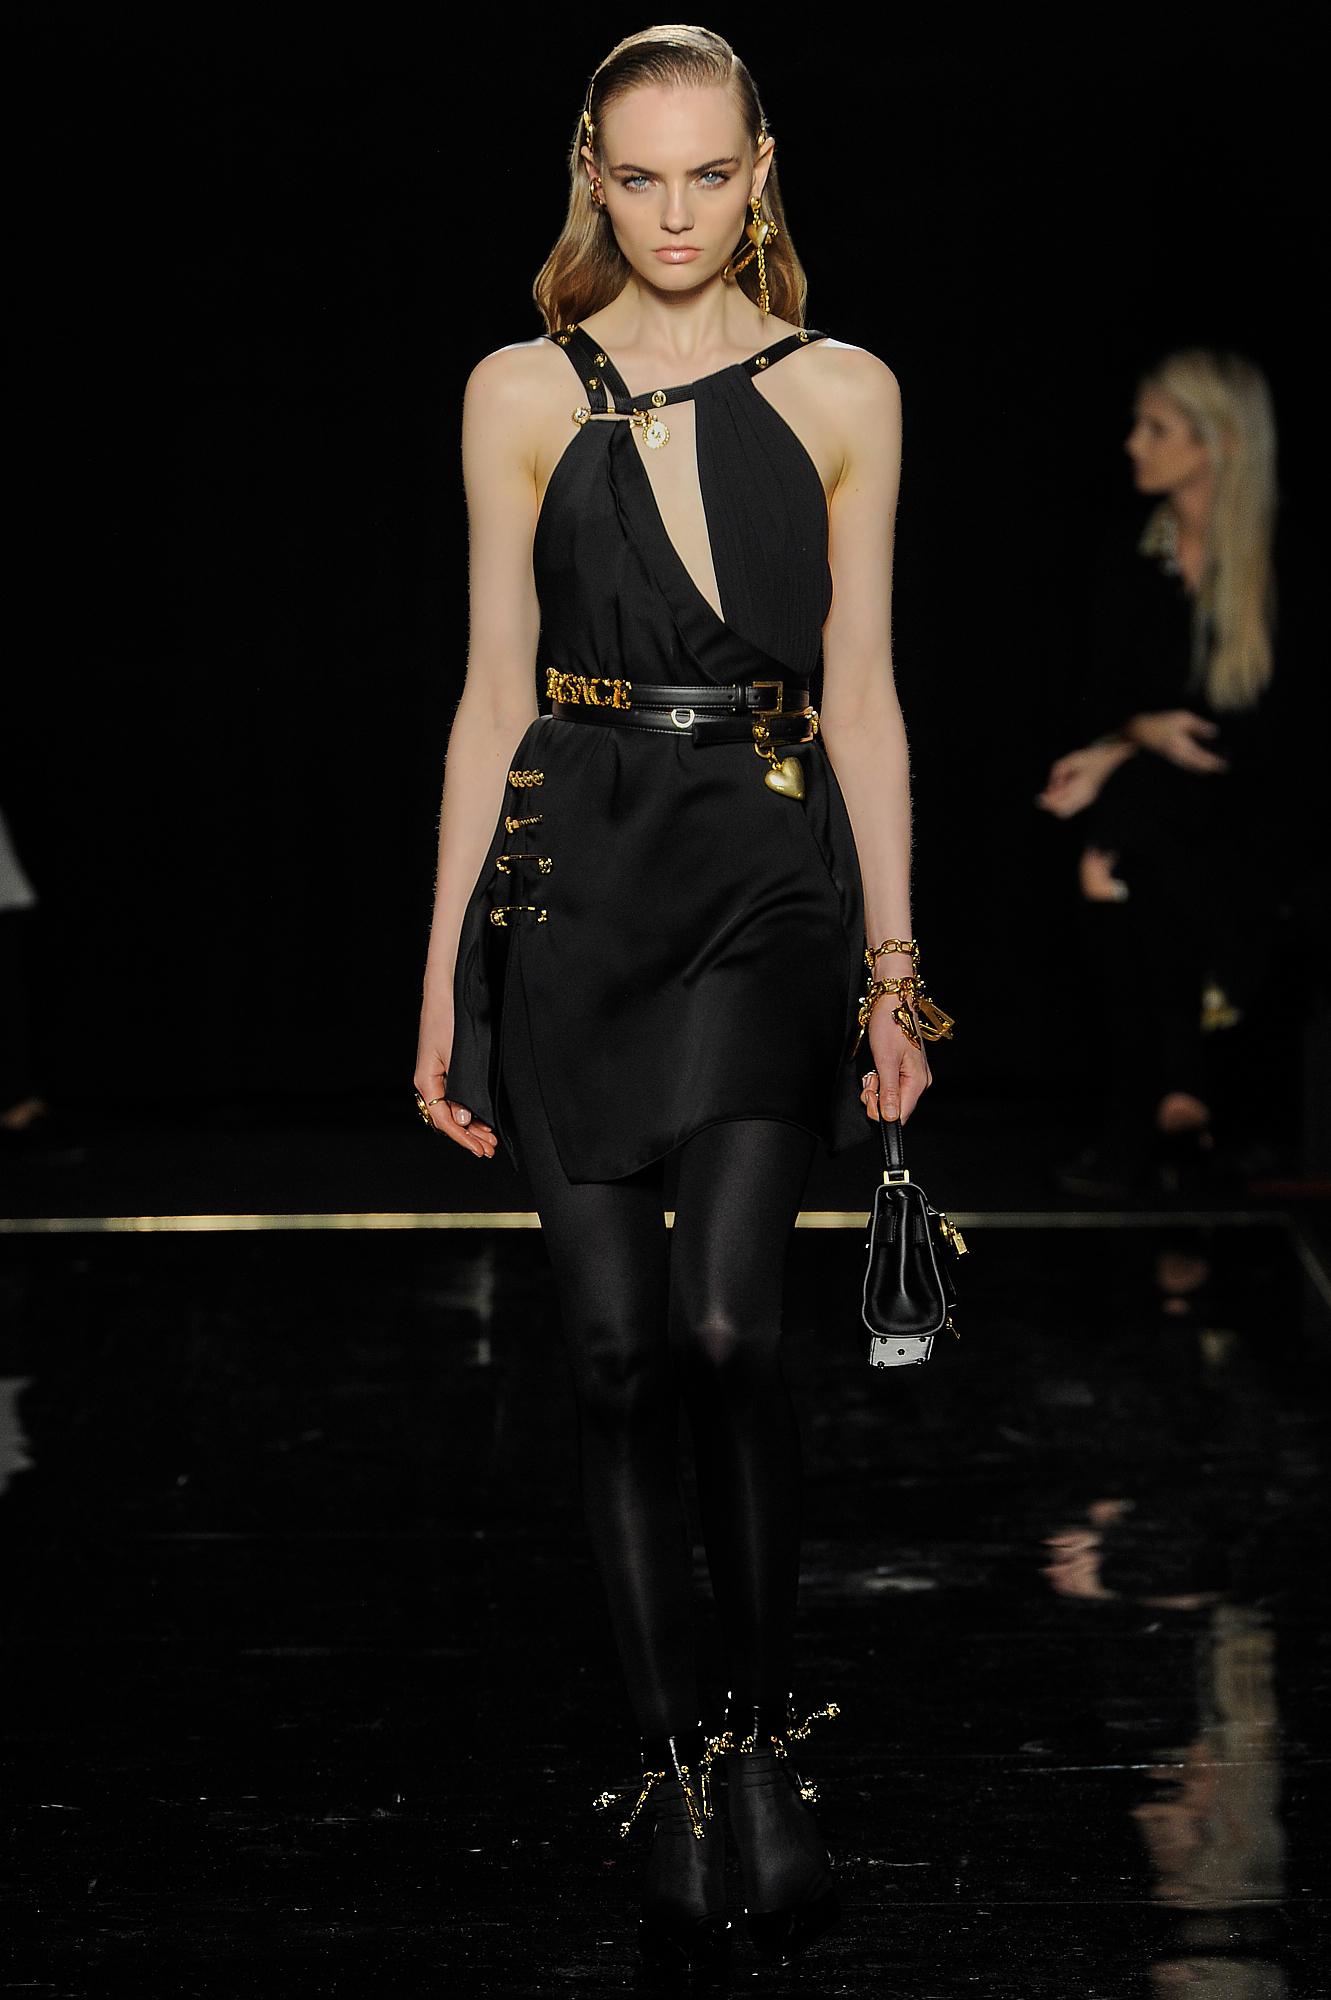 Versace_10_7b_versace_runway_runway_00010.jpg